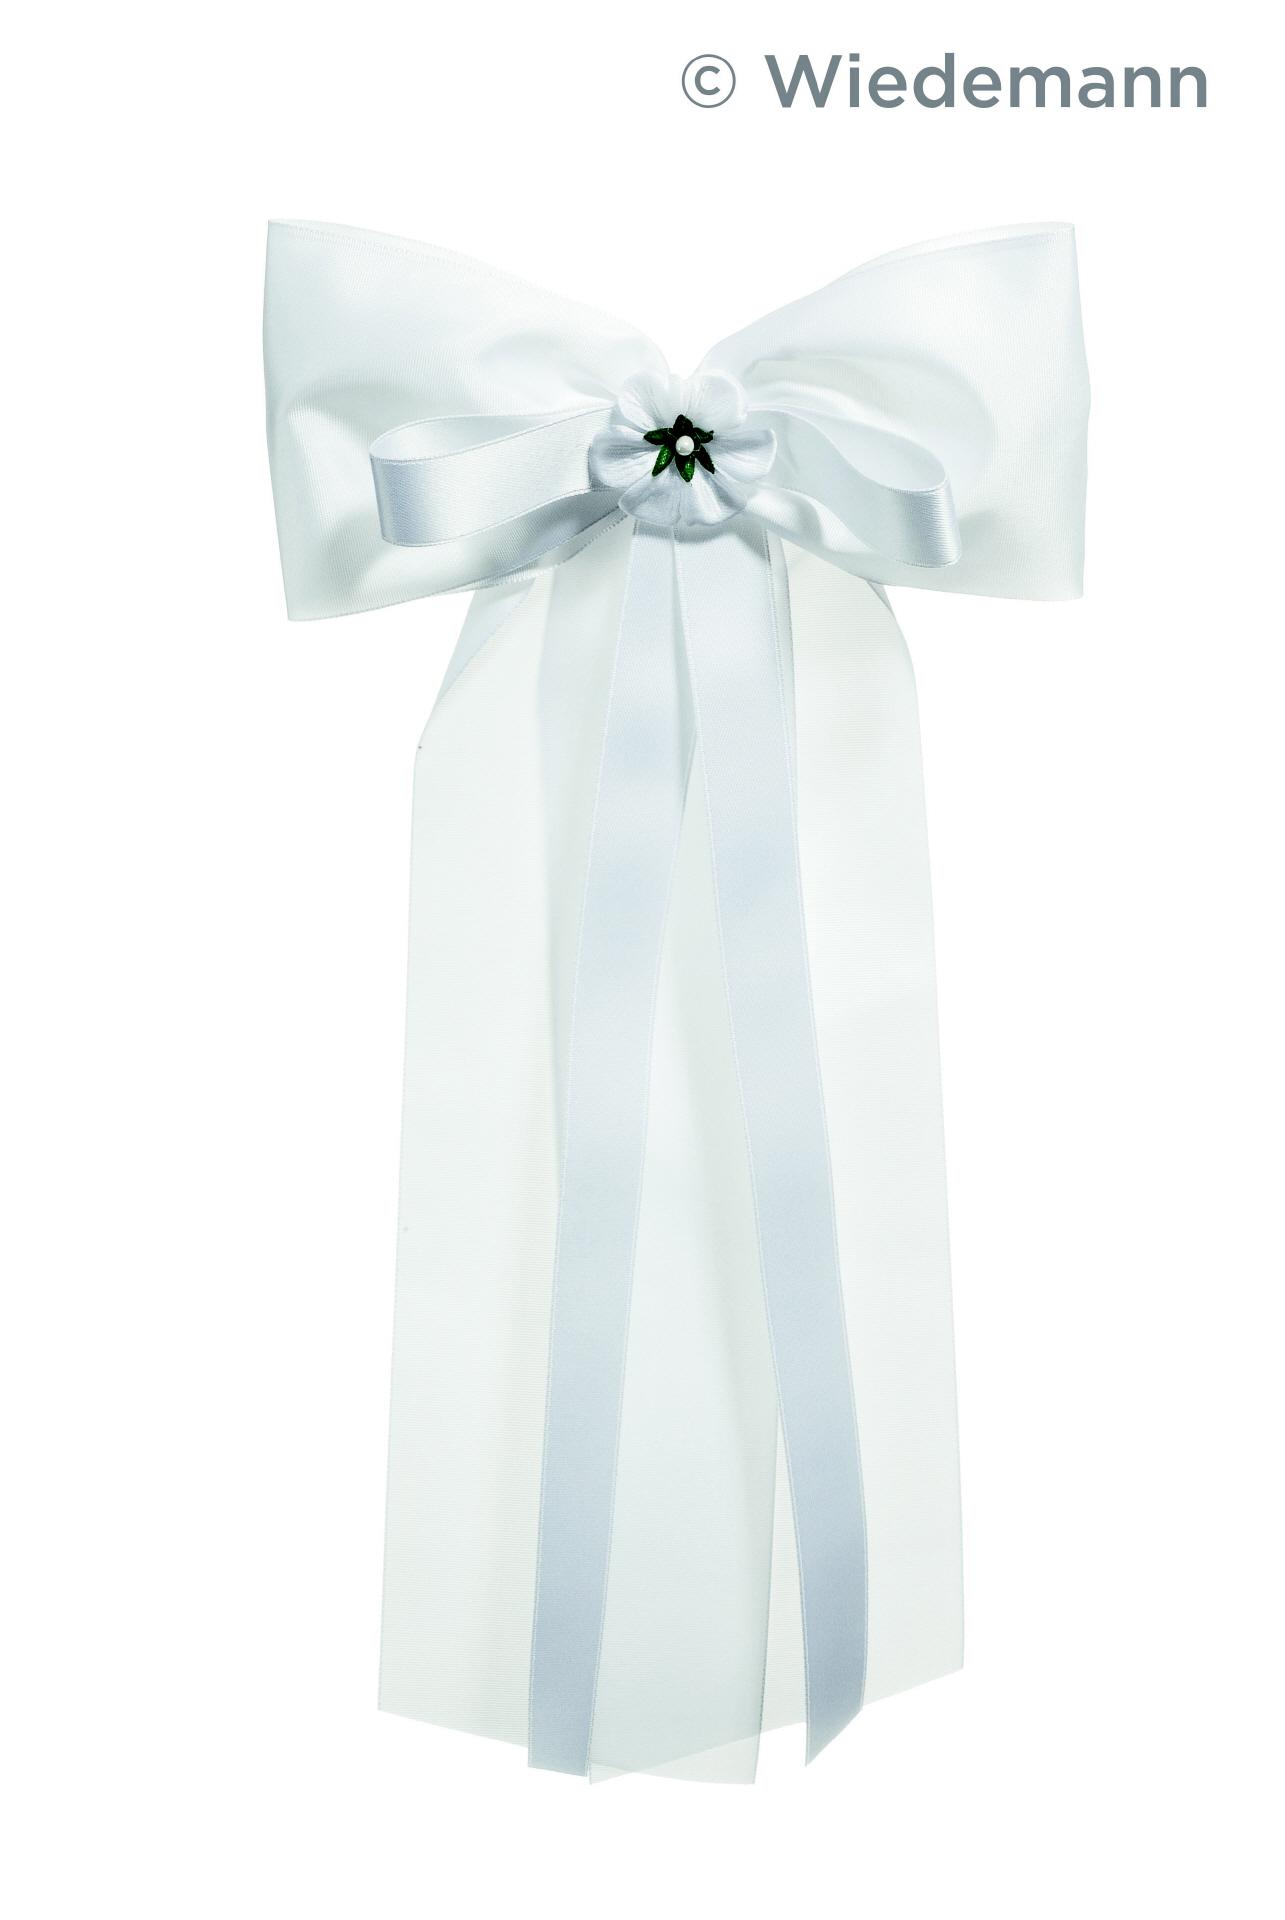 Kommunionskerze Kerzen Schleifen aus Satin Weiß Kerzenschleife zur Taufkerze